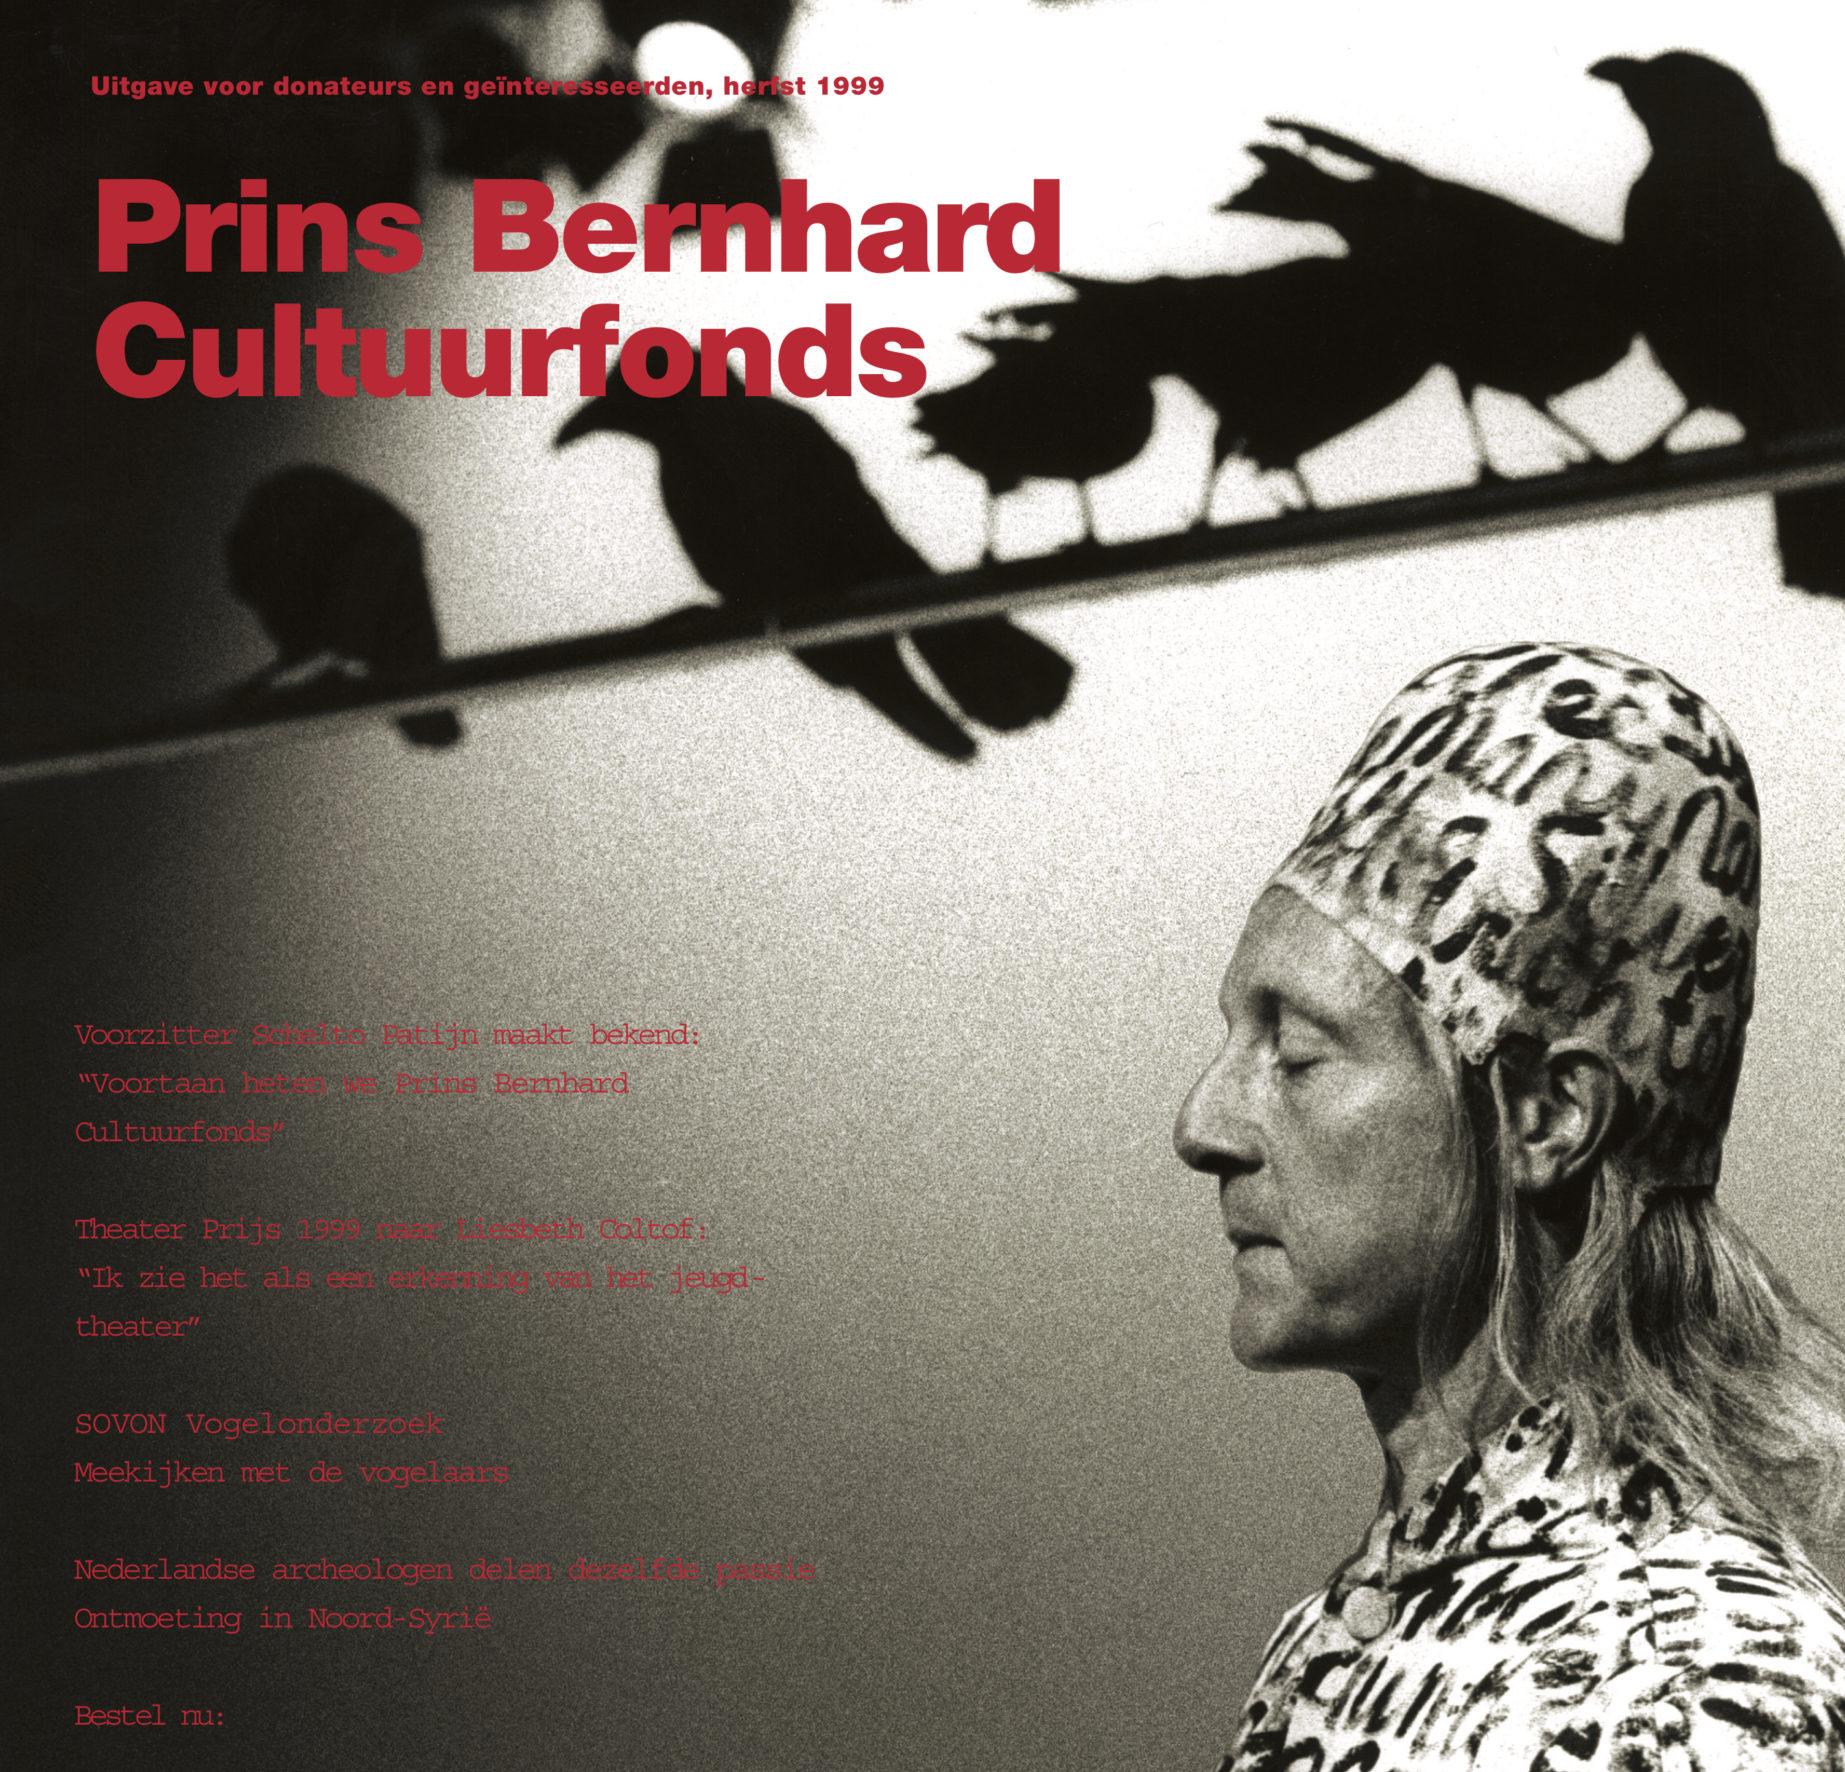 Prins Bernhard Cultuurfonds en Anjerfondsen